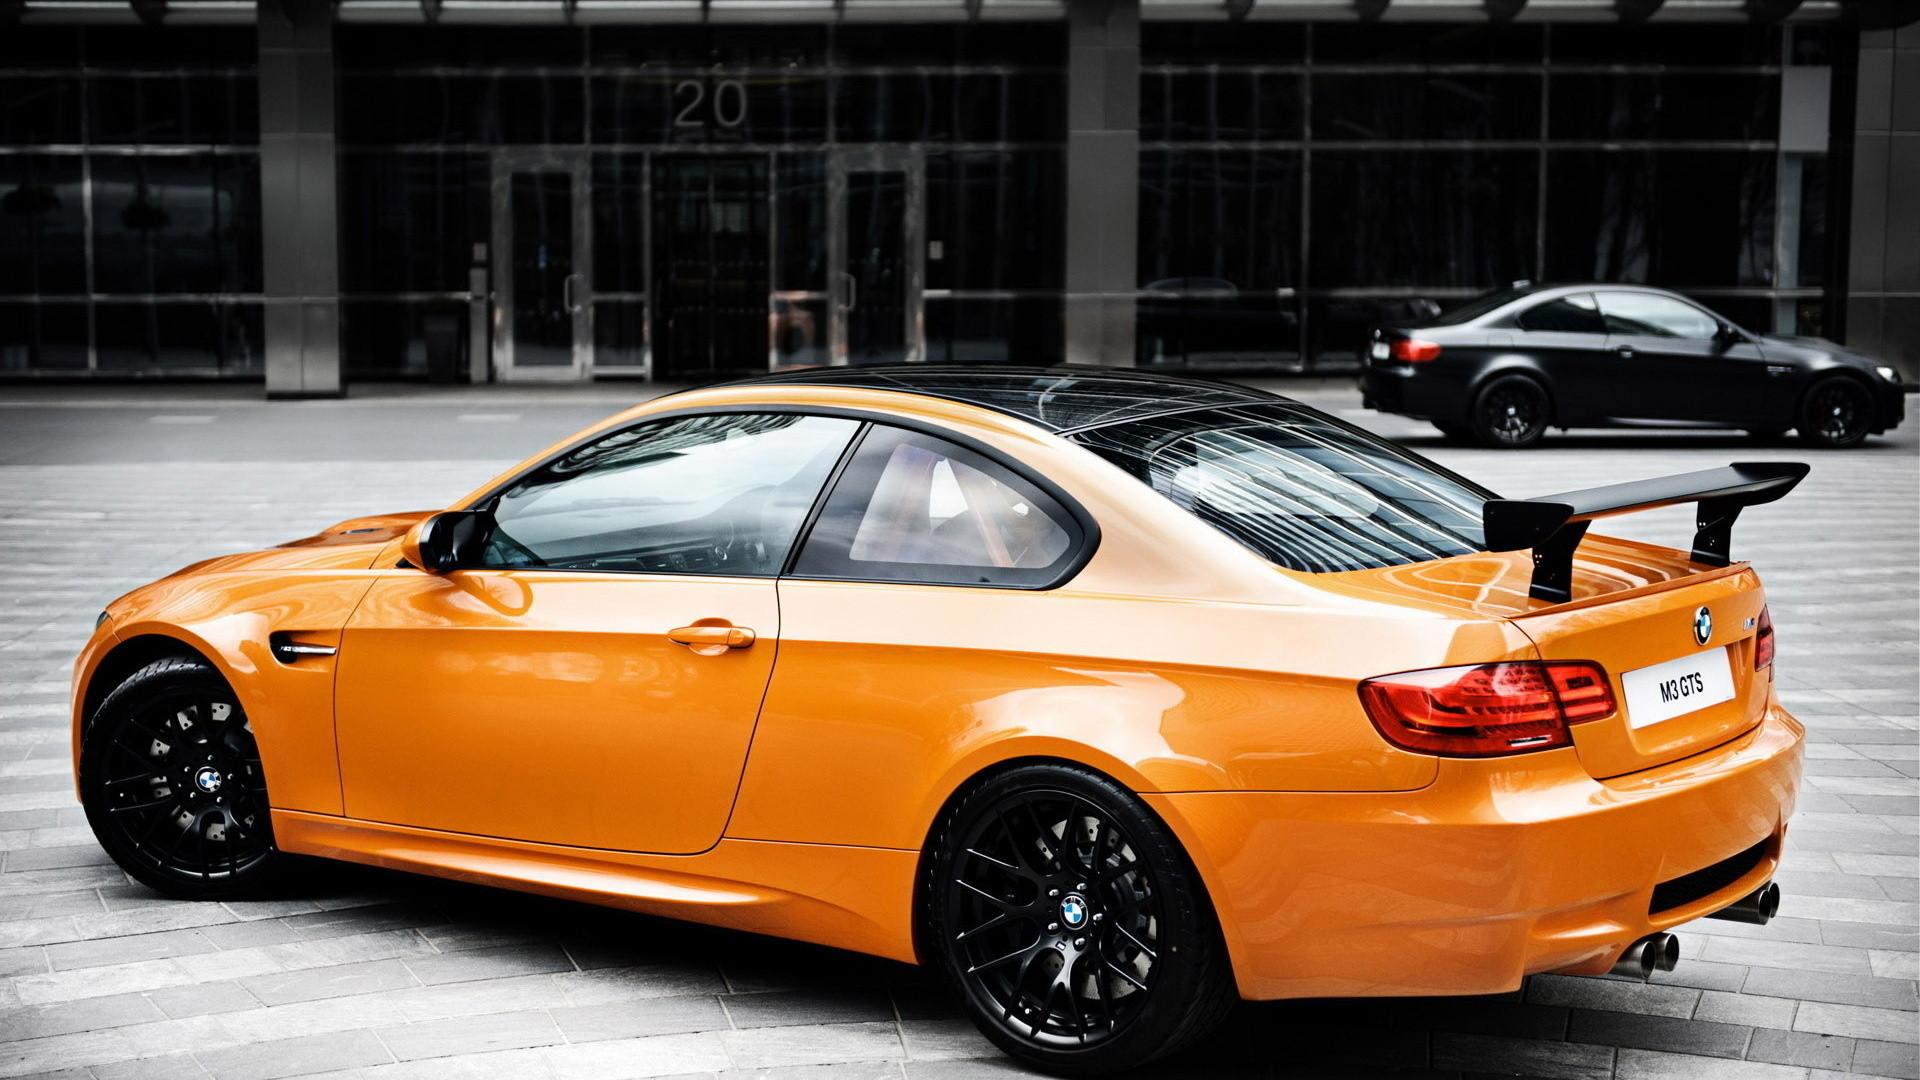 BMW M3 GTS E92 WallpapersBmw m3 wallpaper Bmw m3 wallpaper 1920x1080